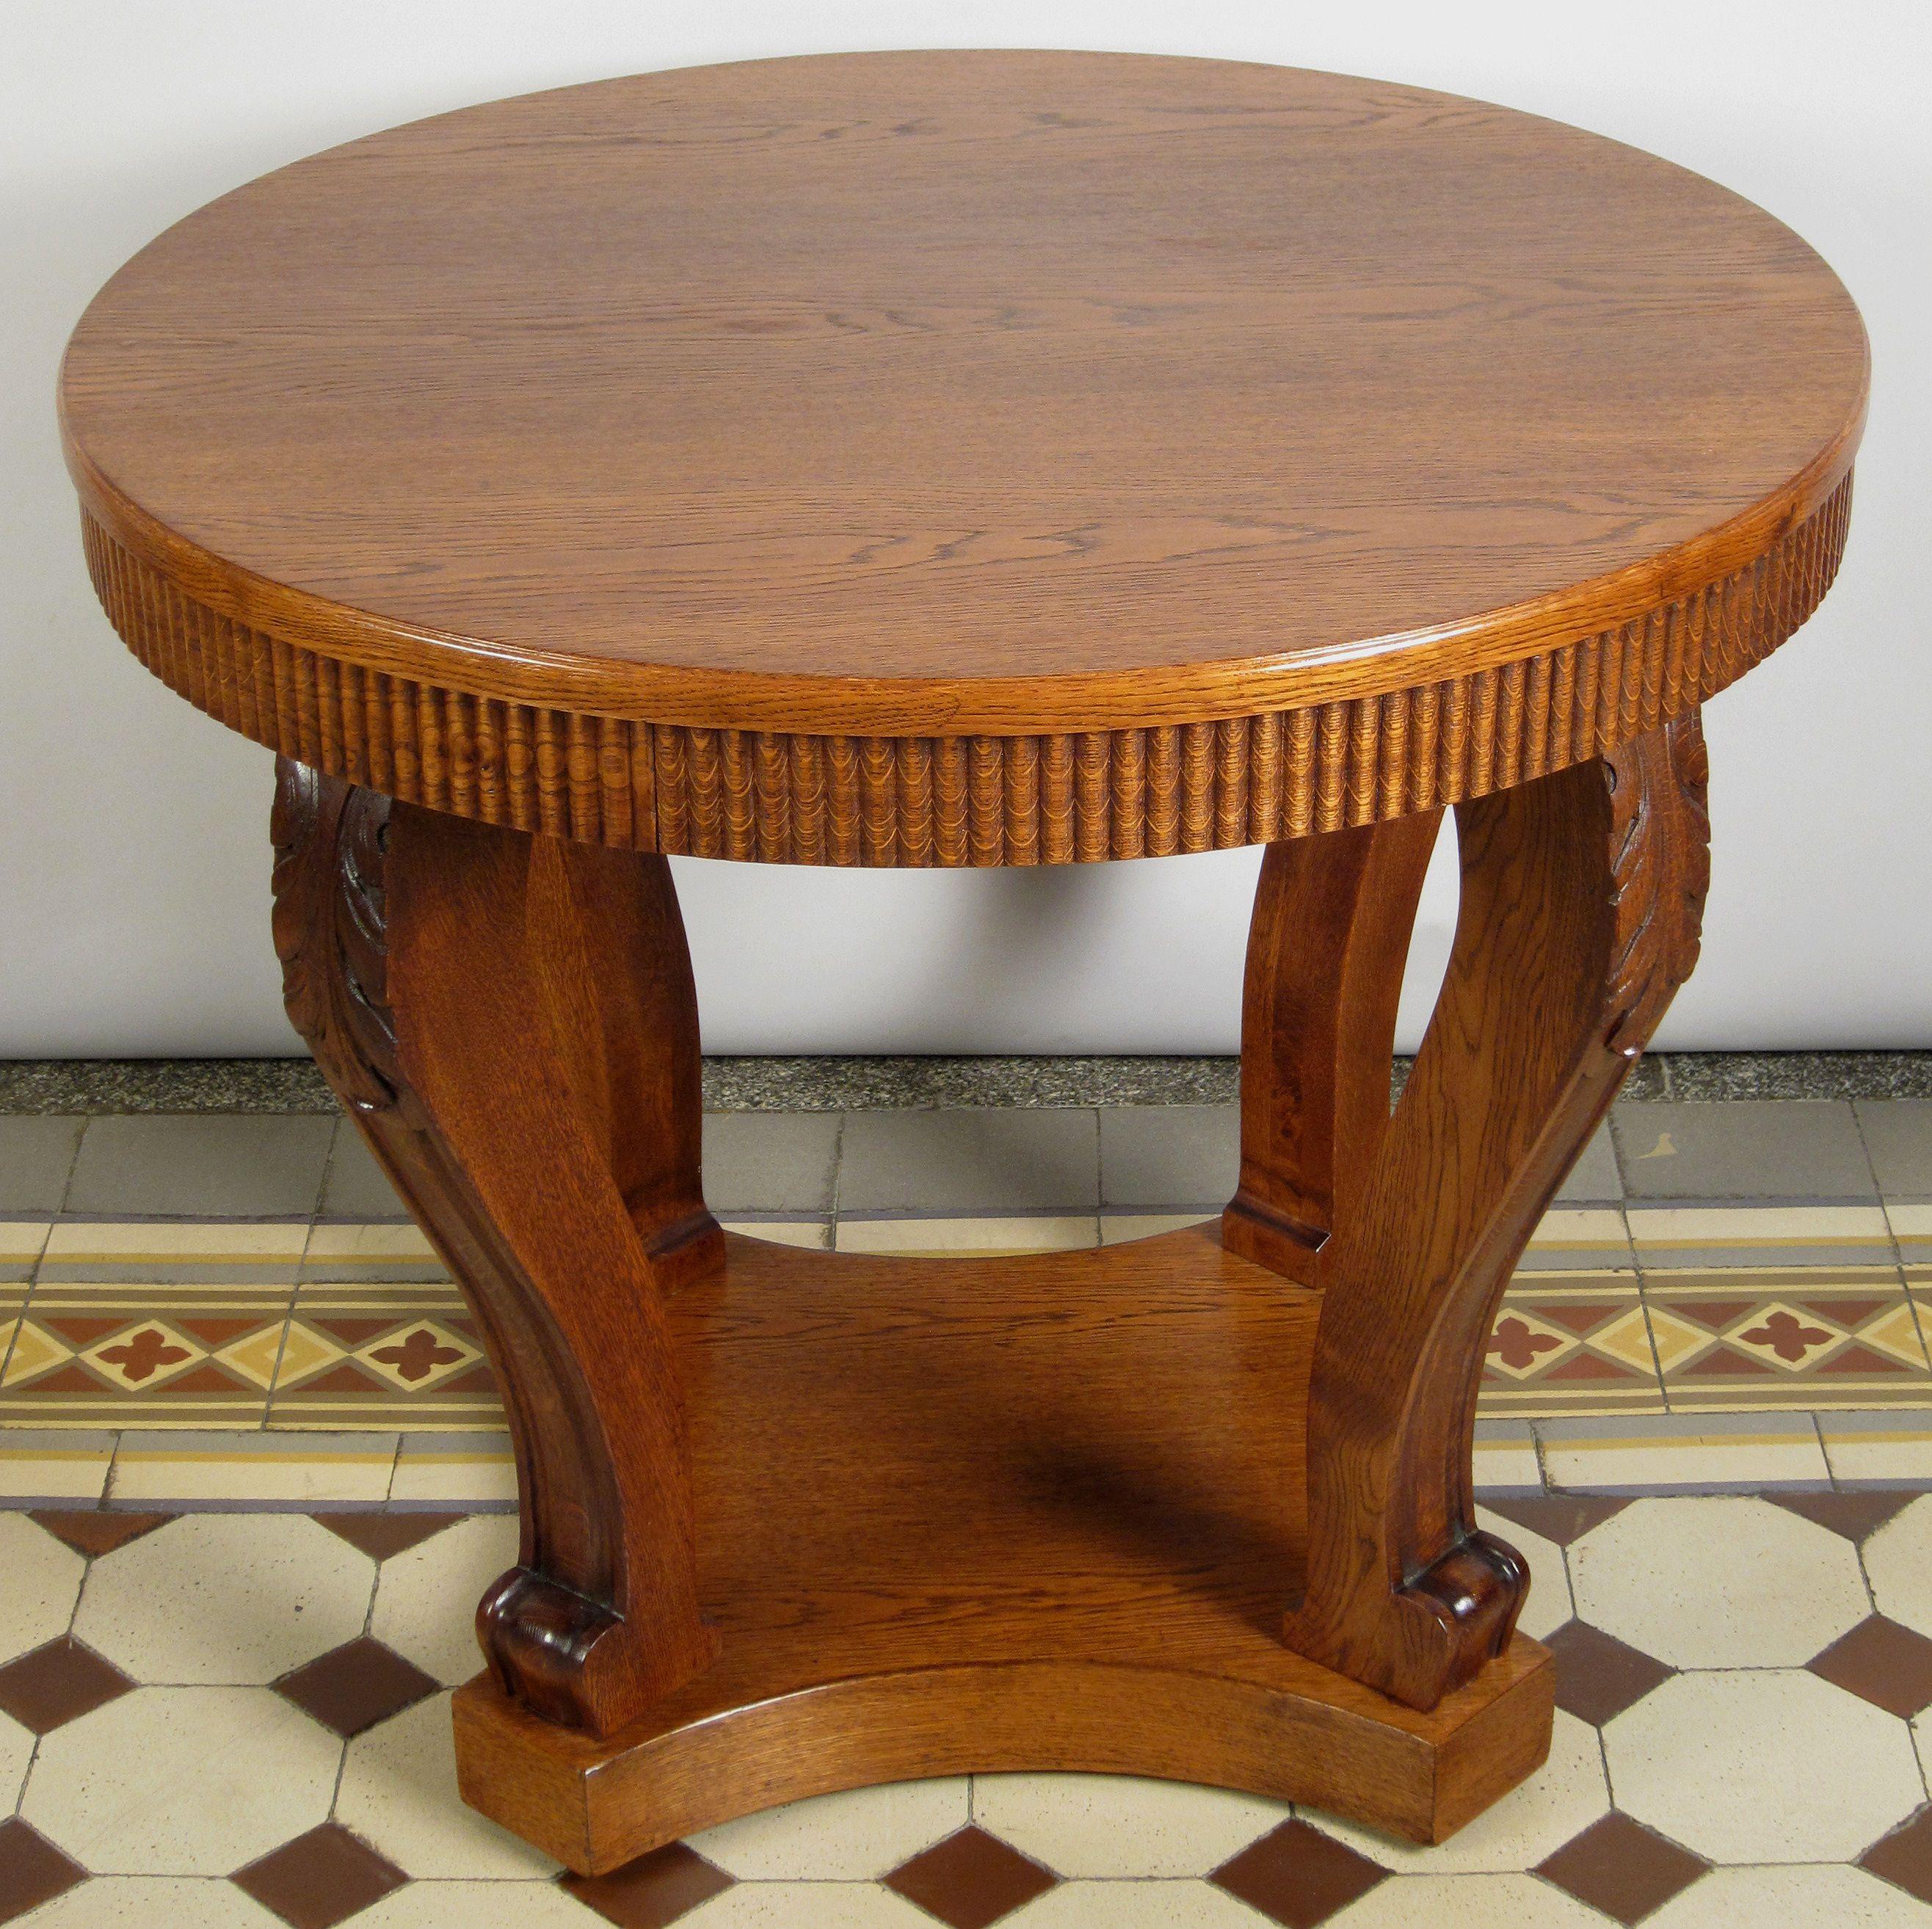 Runder Tisch Mit Vier Säulen Epoche Neorenaissance Holzart Eiche Maße Höhe 76 Cm